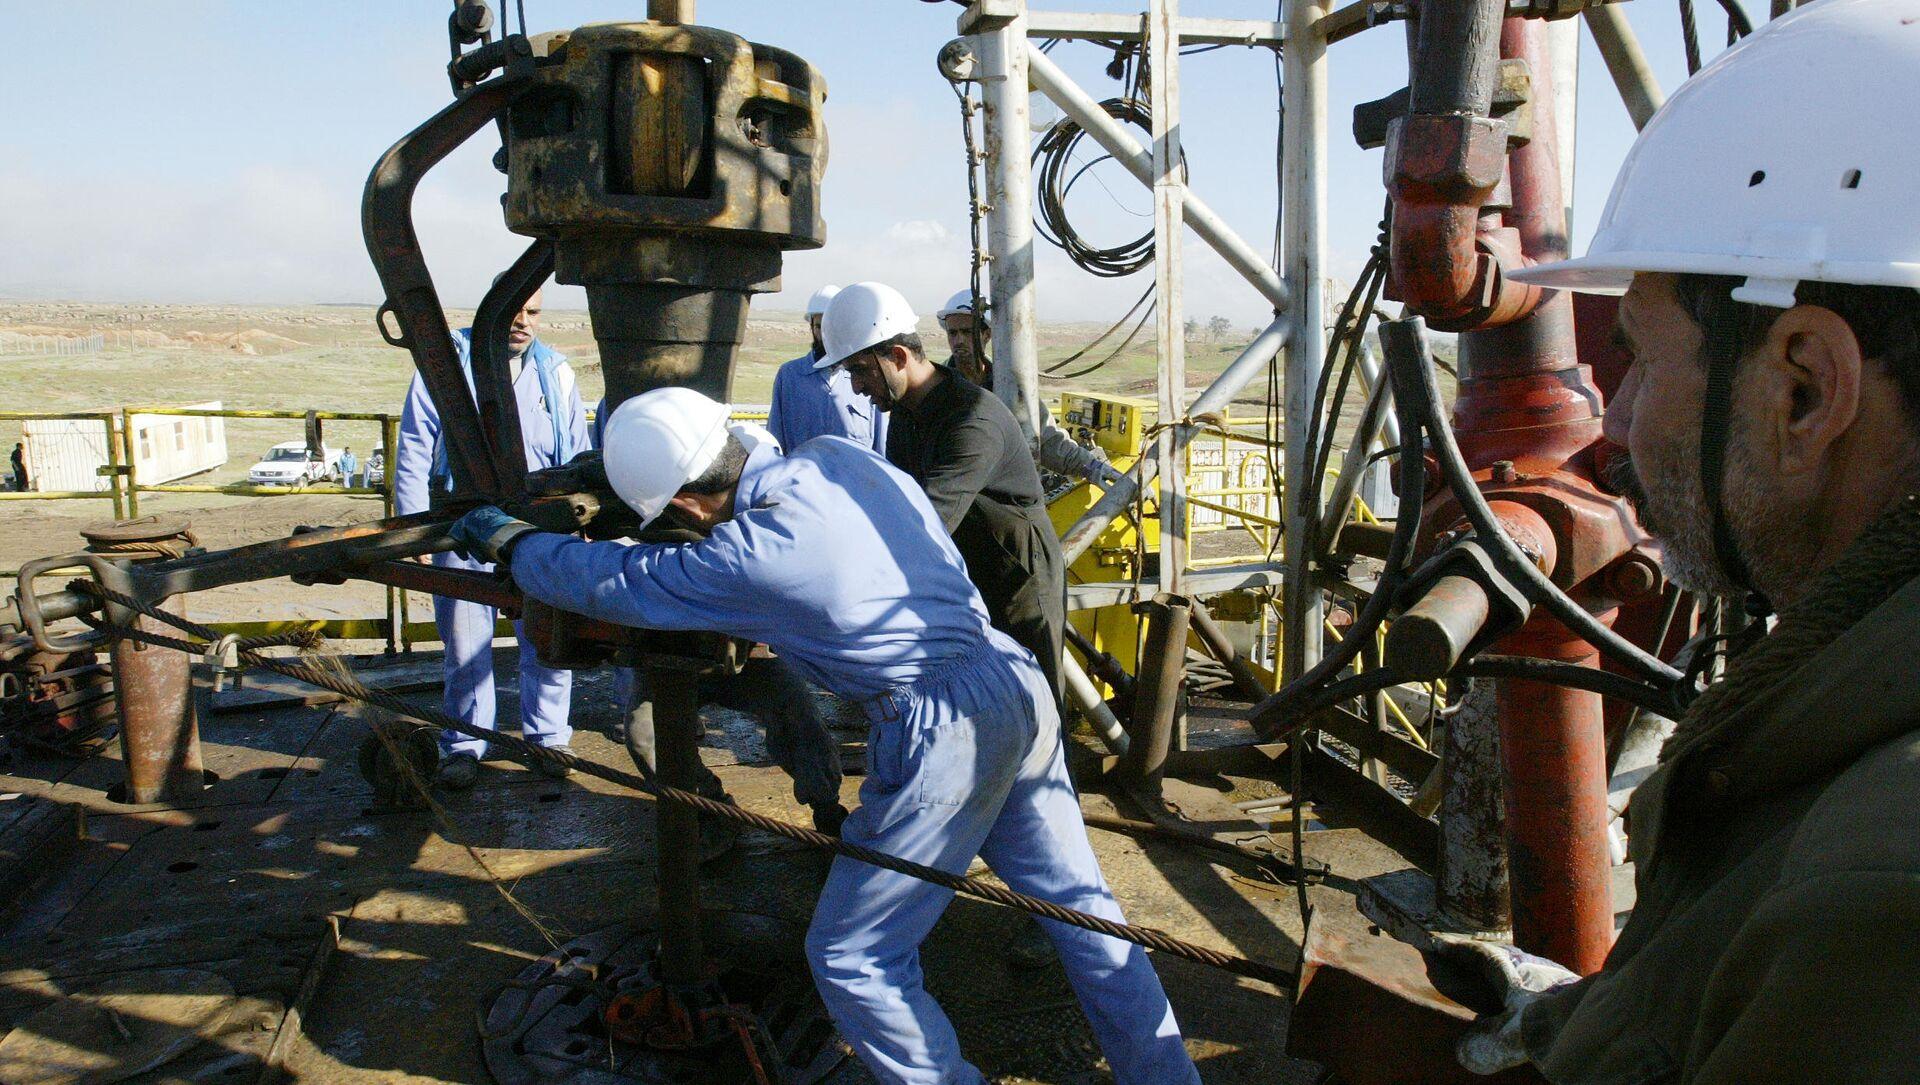 Iraqi workers pump oil at the Shirawa oilfield, where oil was first pumped in Iraq in 1927  - Sputnik International, 1920, 05.09.2021